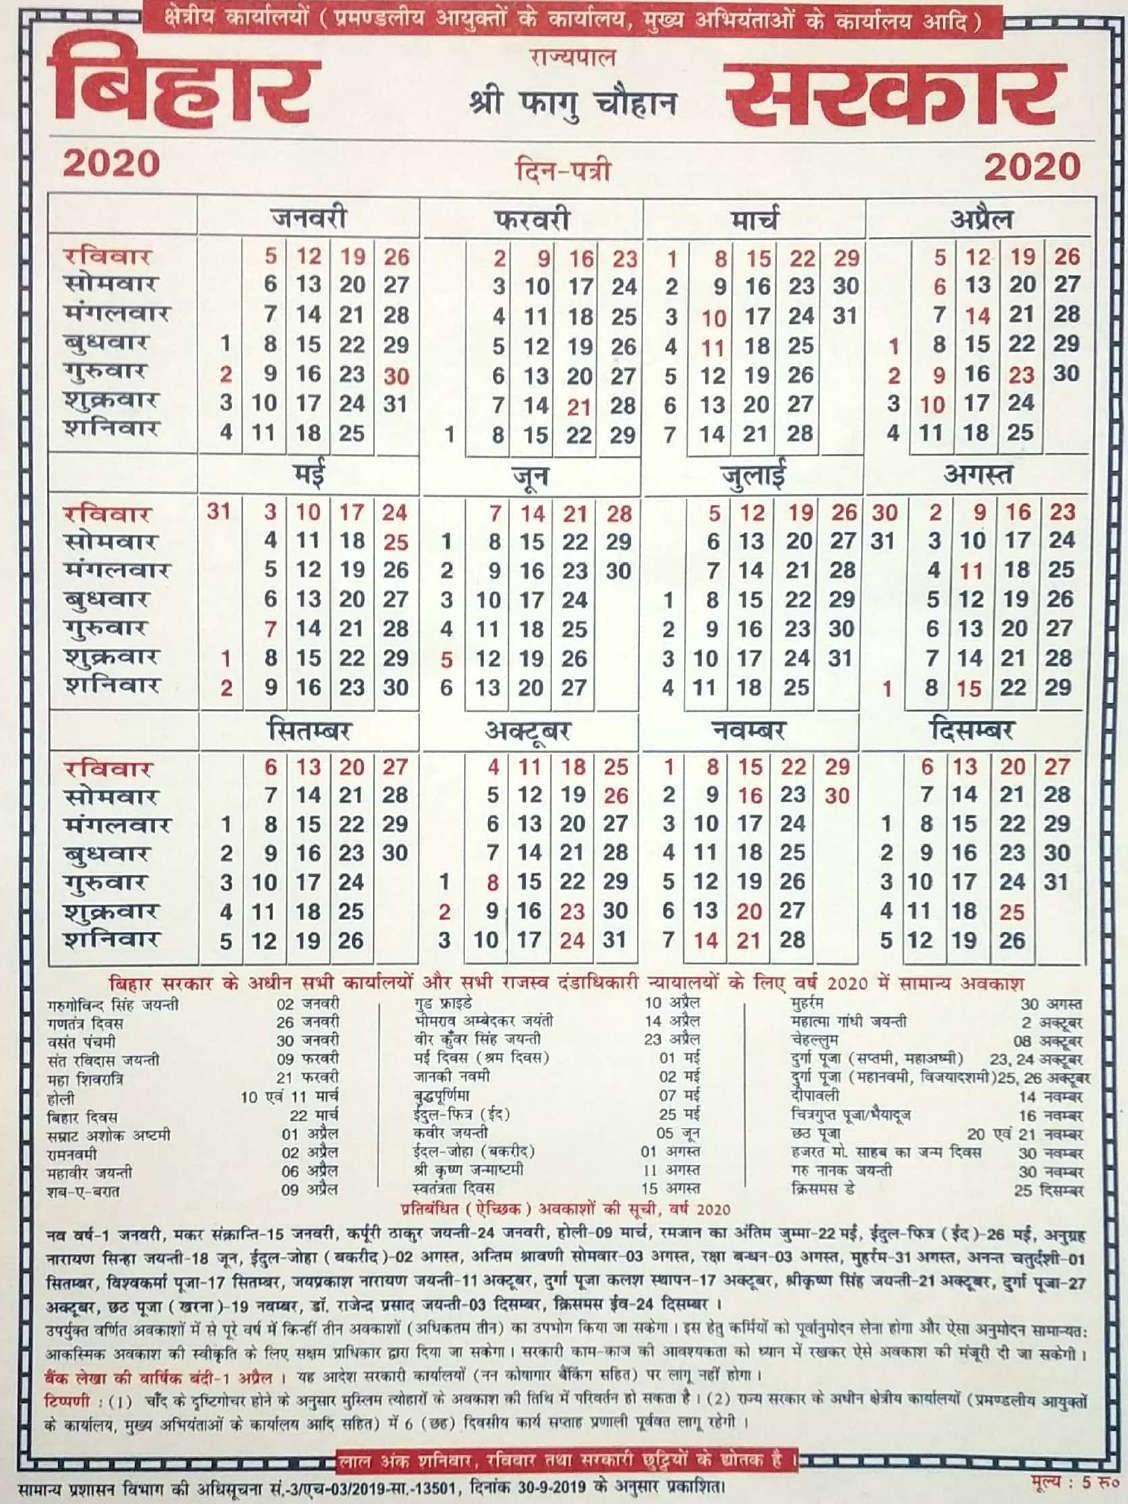 Bihar Sarkar Calendar 2020 Pdf | Seg  Bihar Sarkar Calendar 2020